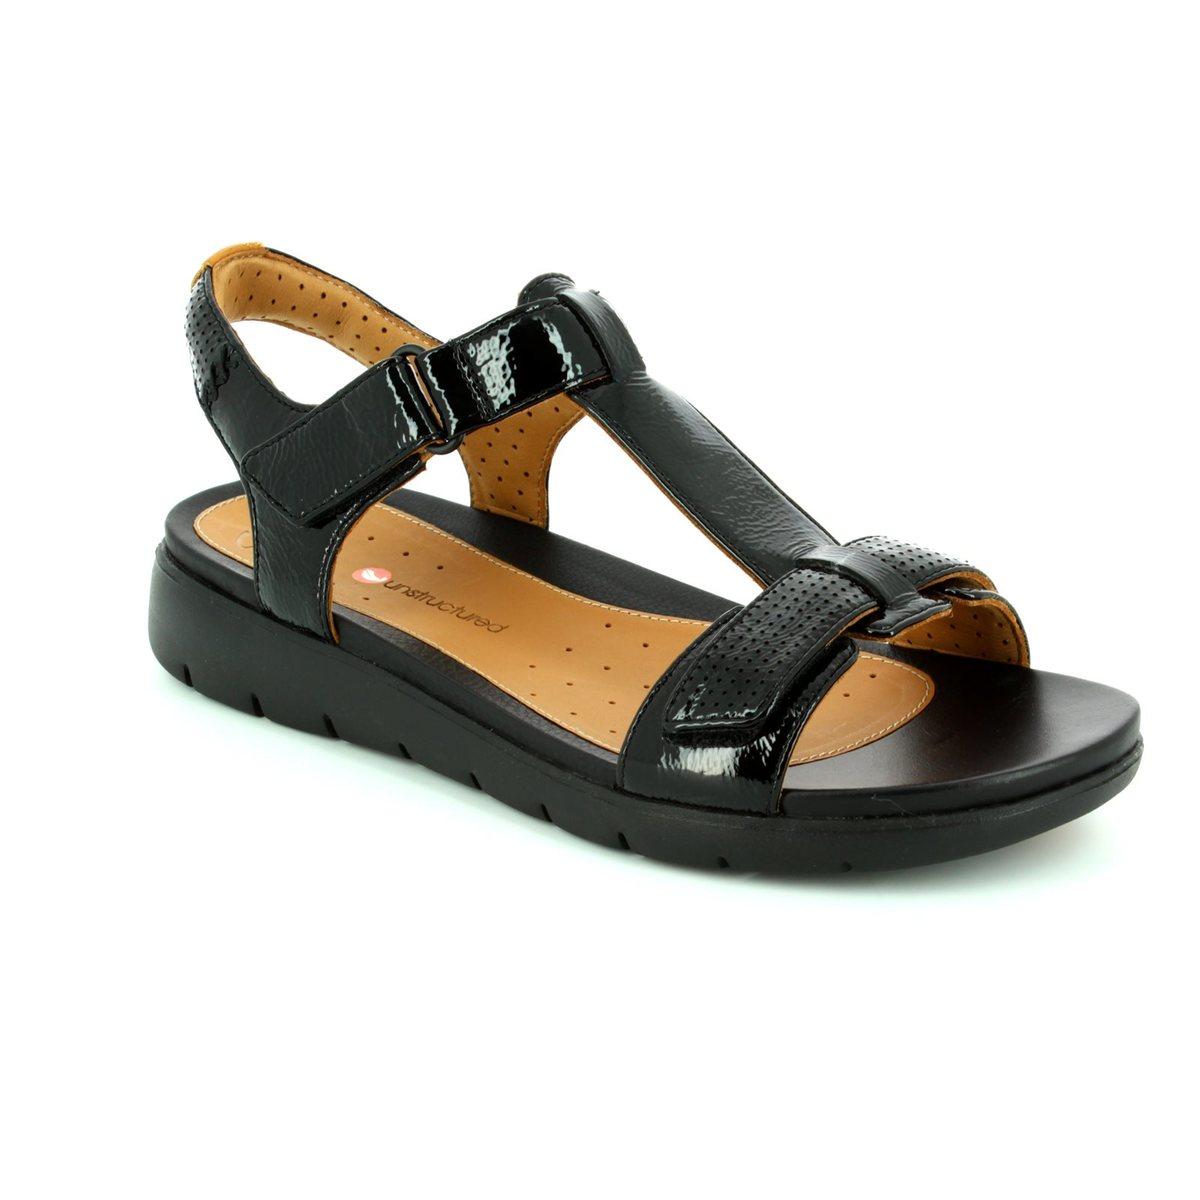 Clarks Sandals - Black patent - 2607/94D UN HAYWOOD